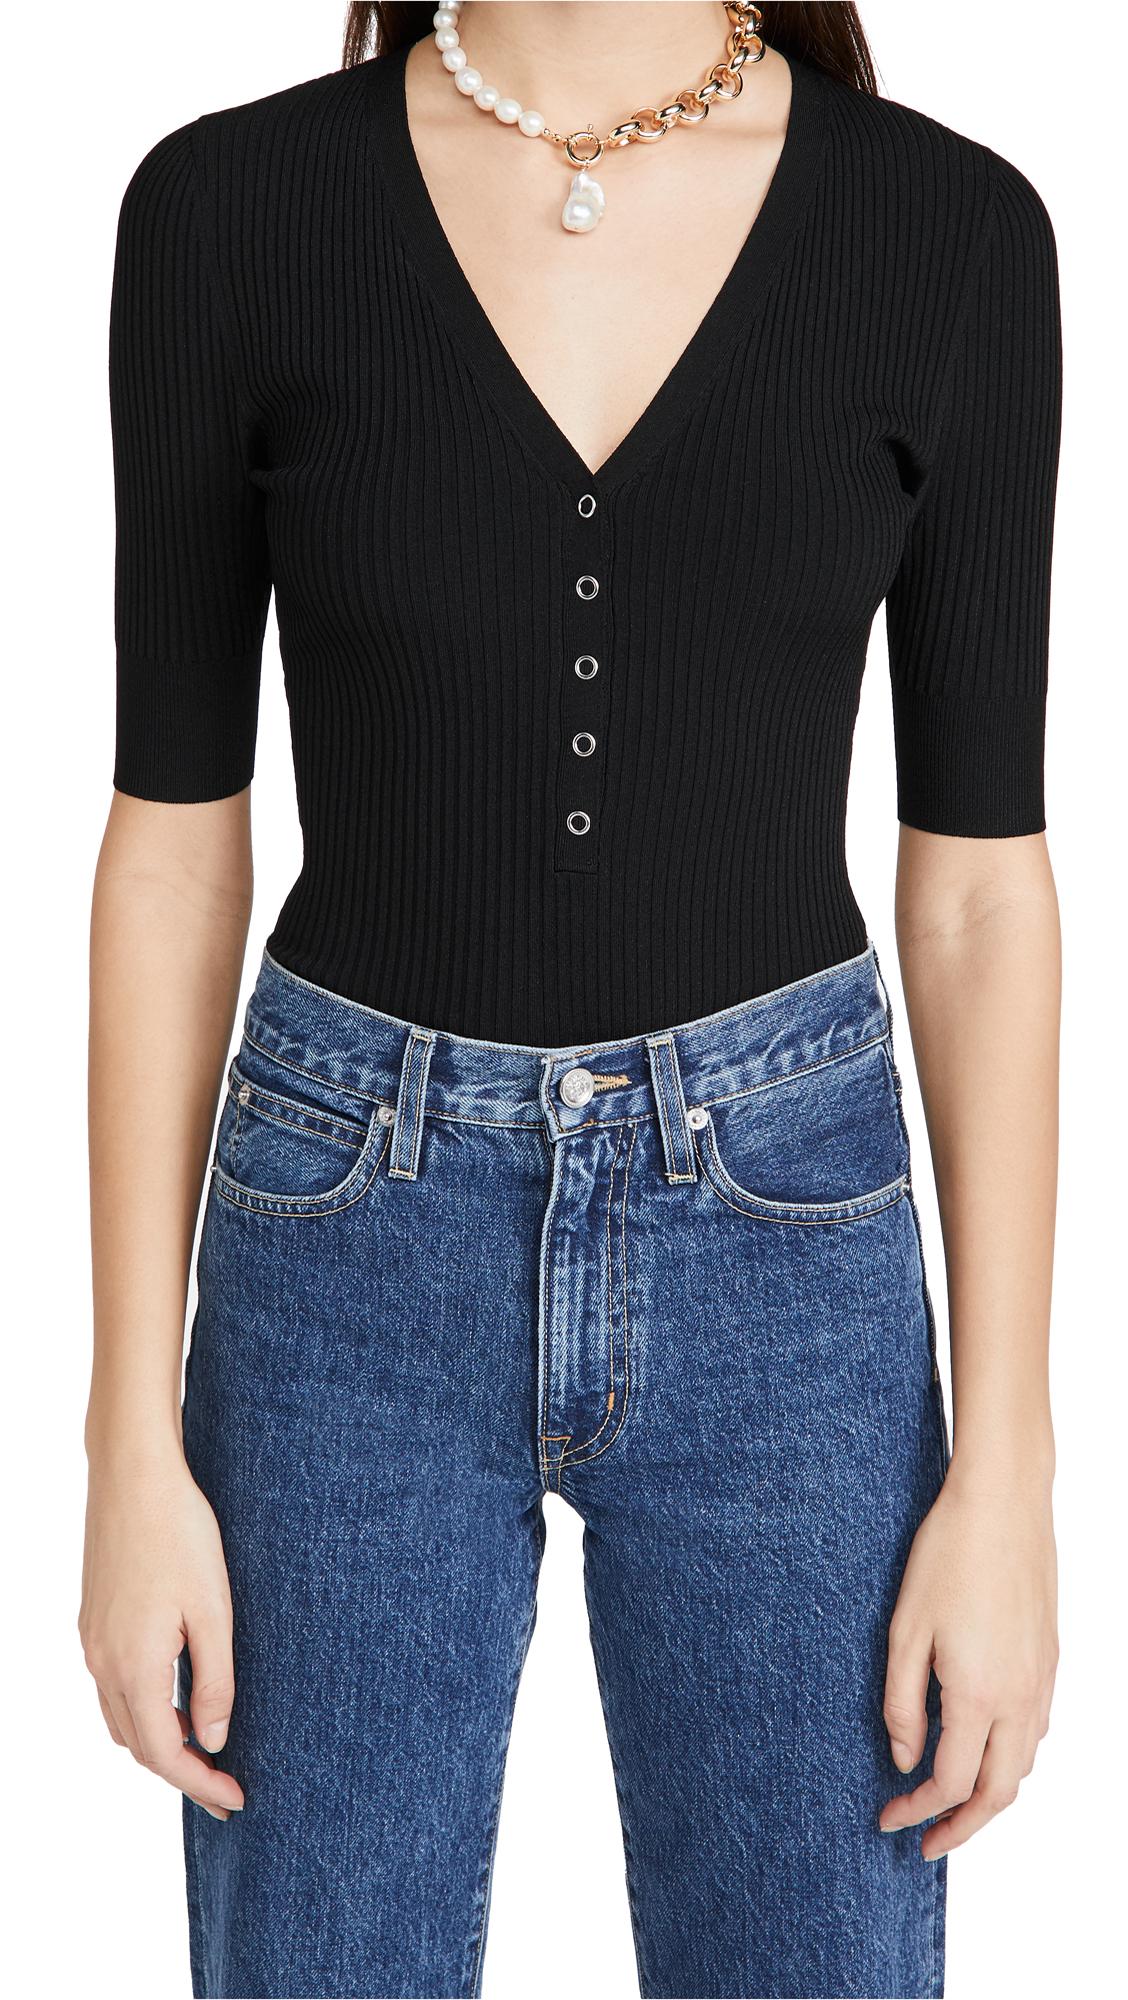 A.L.C. Toni Thong Bodysuit